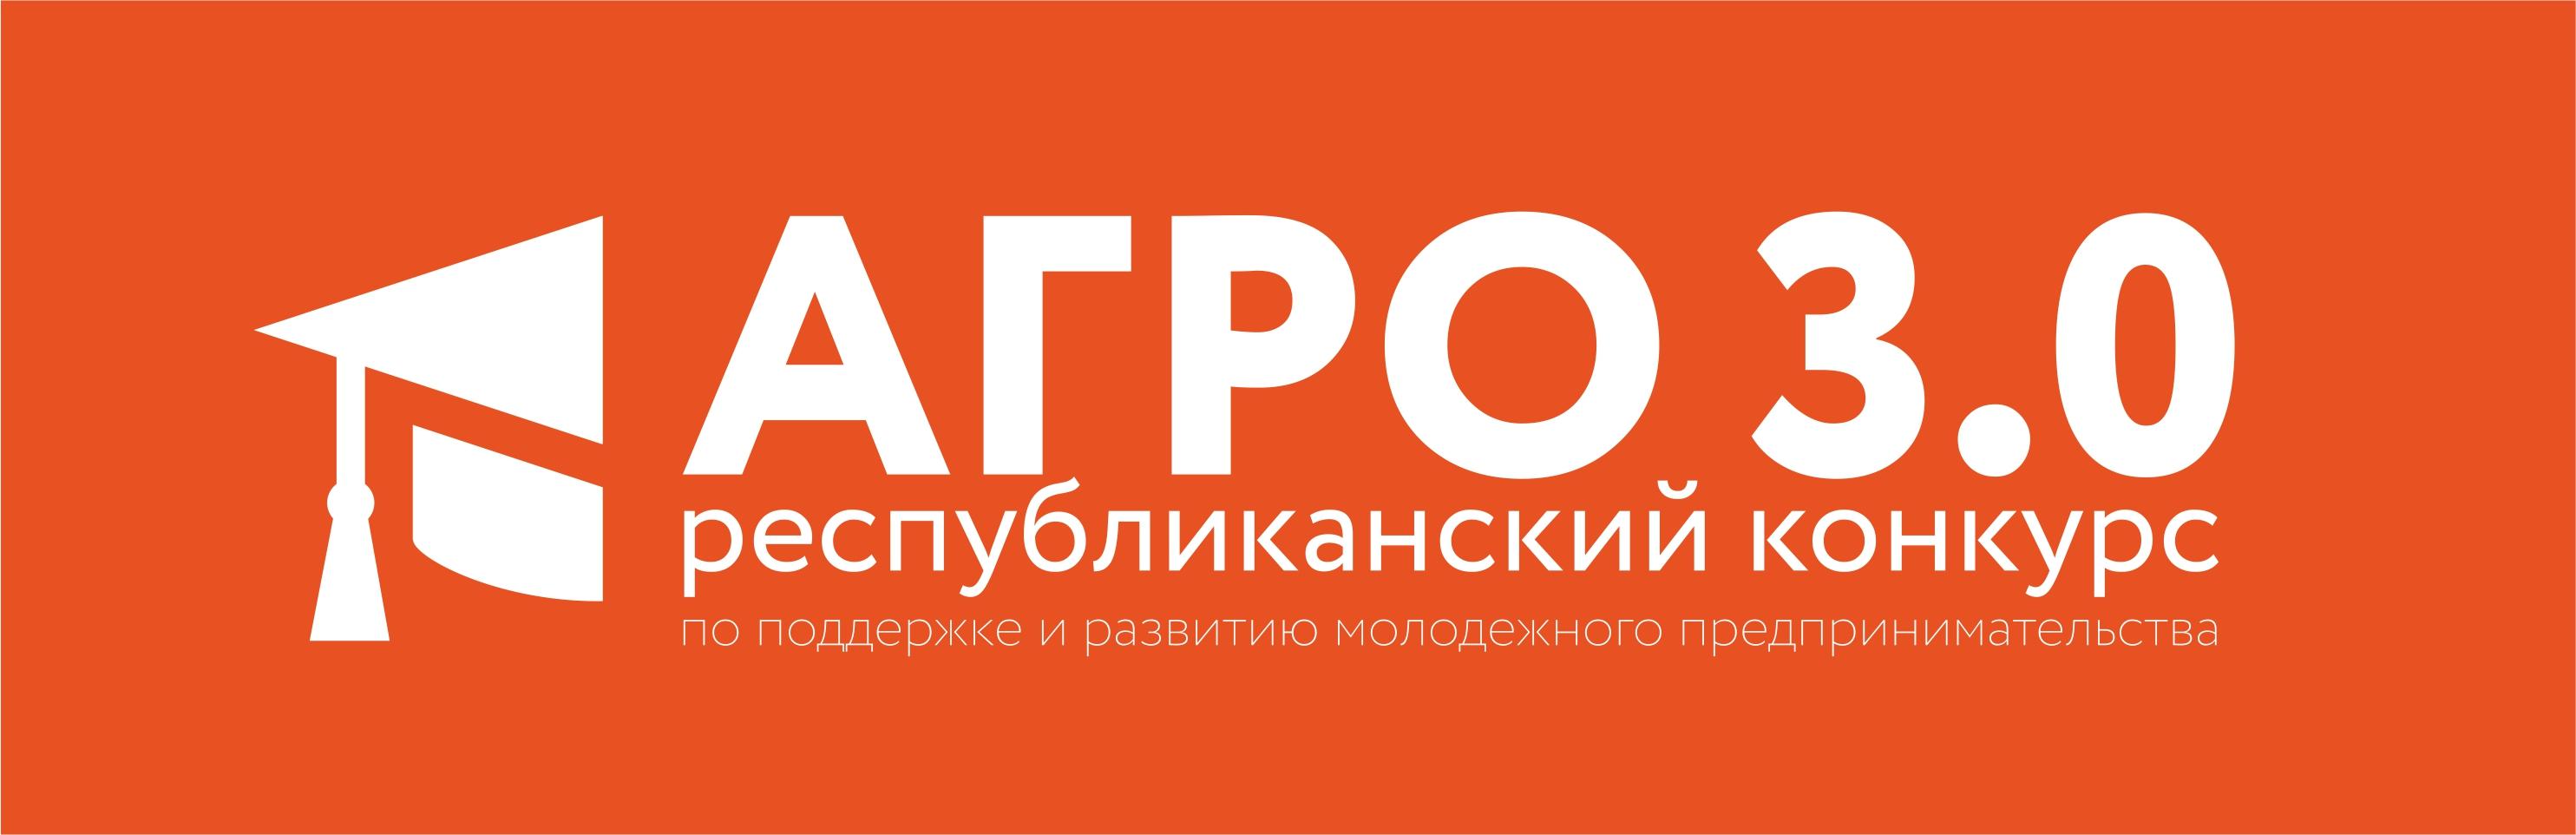 Стартовал прием заявок на участие в Республиканском конкурсе «АГРО 3.0»